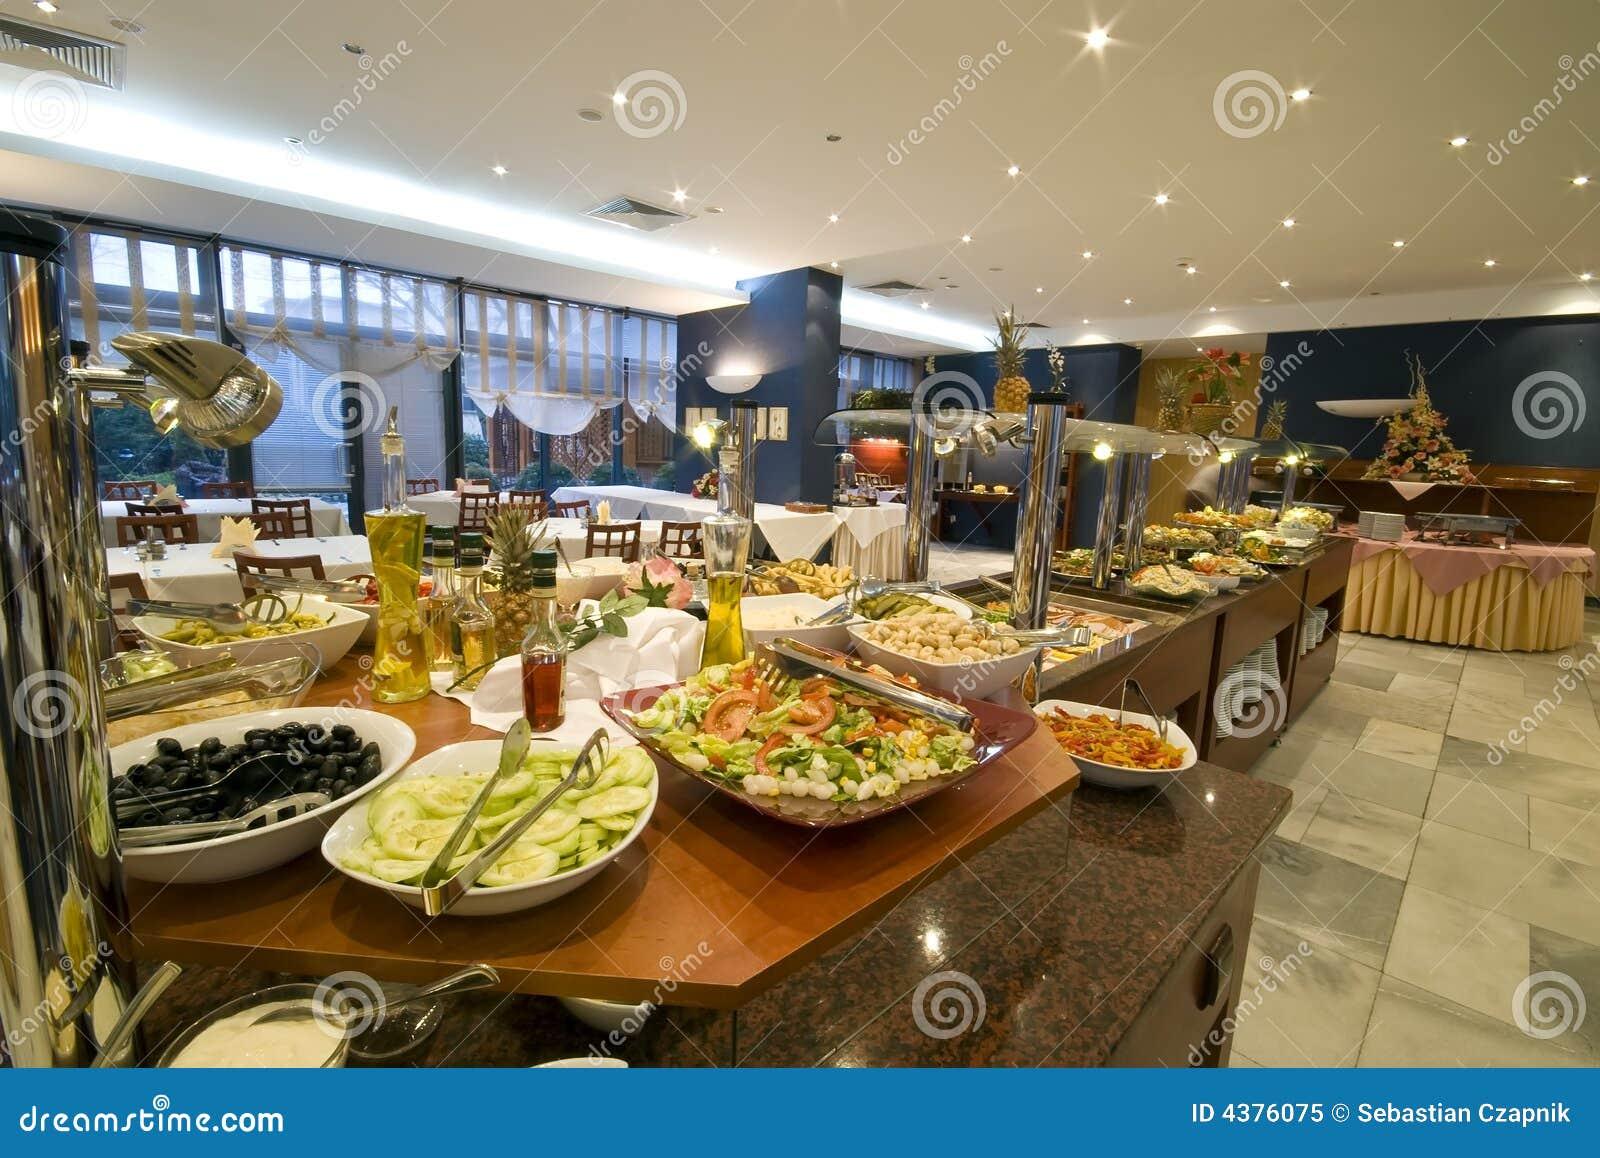 Buffet In Esszimmer Des Hotels Stockbild Bild Von Wahl Verziert